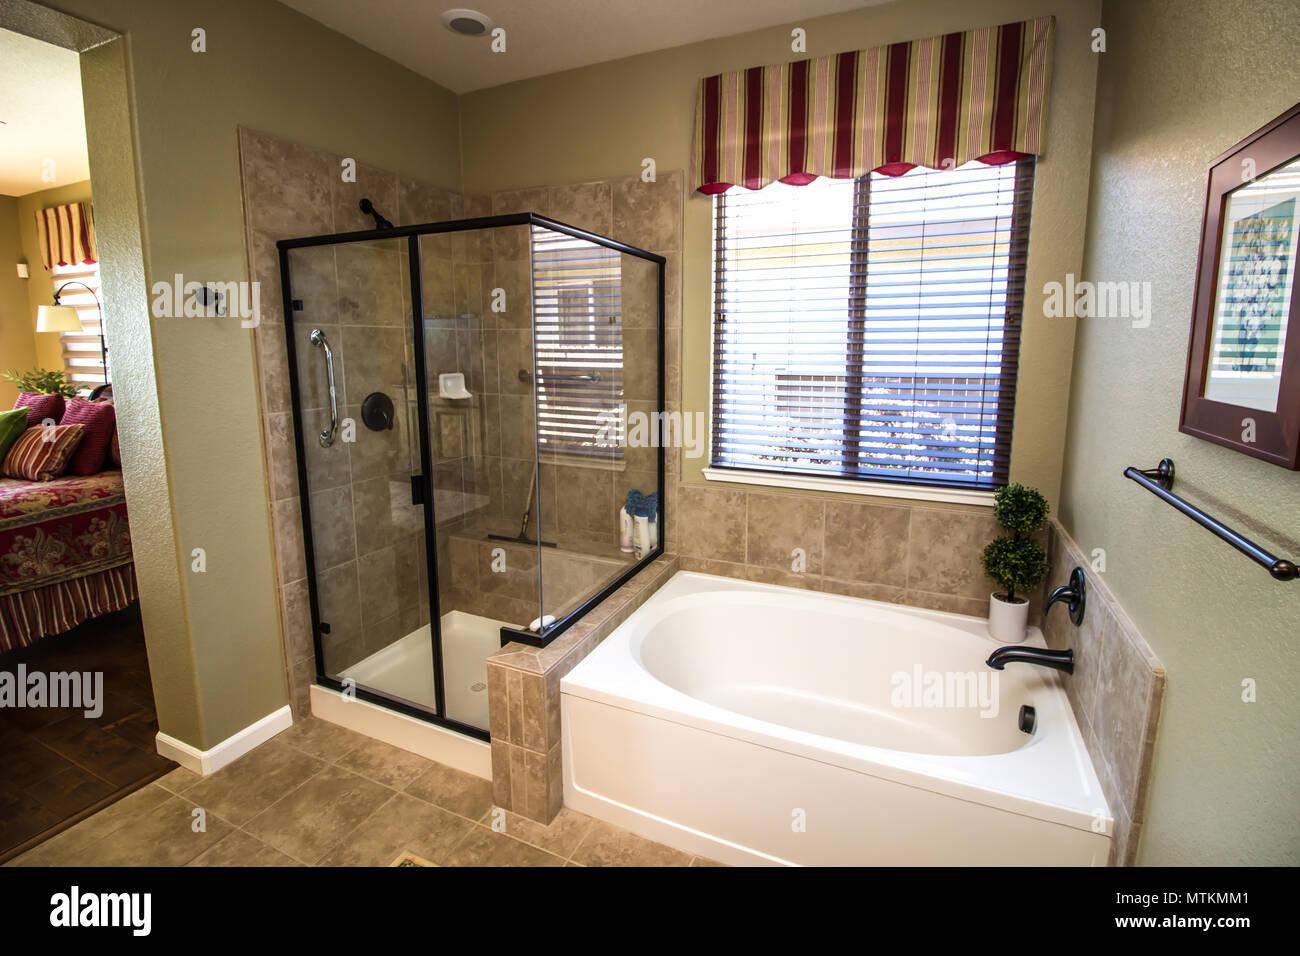 Salle de bains moderne avec douche et baignoire de coin Banque D ...